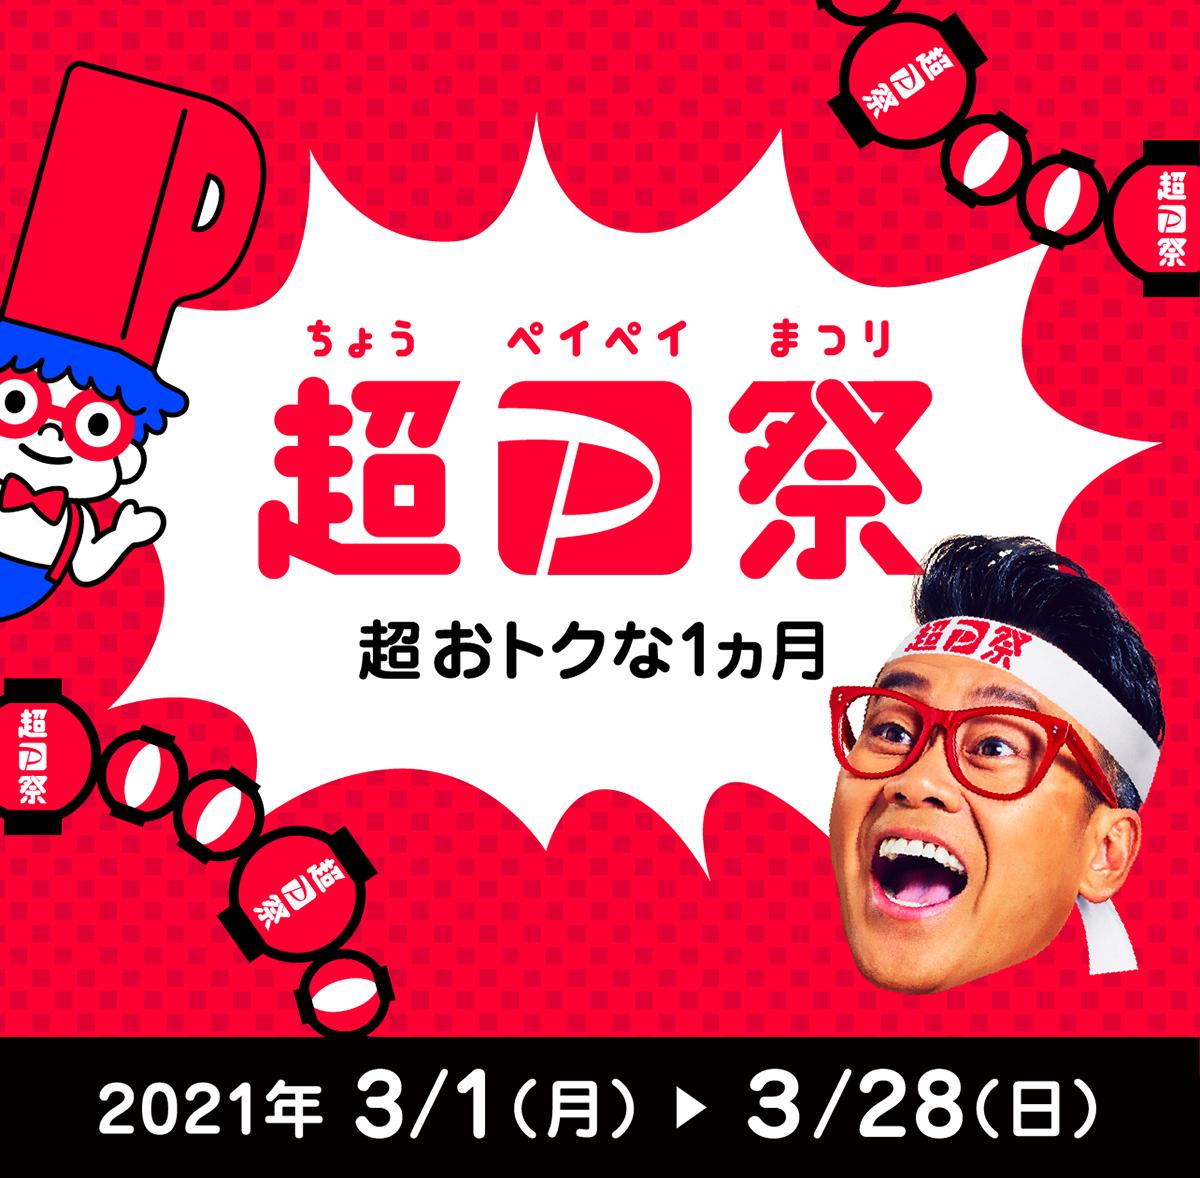 PayPayで大規模20%バックキャンペーンの超PayPay祭り。最大1000円バック。その他百貨店やスタバ特別キャンペーンも。3/1~3/28。